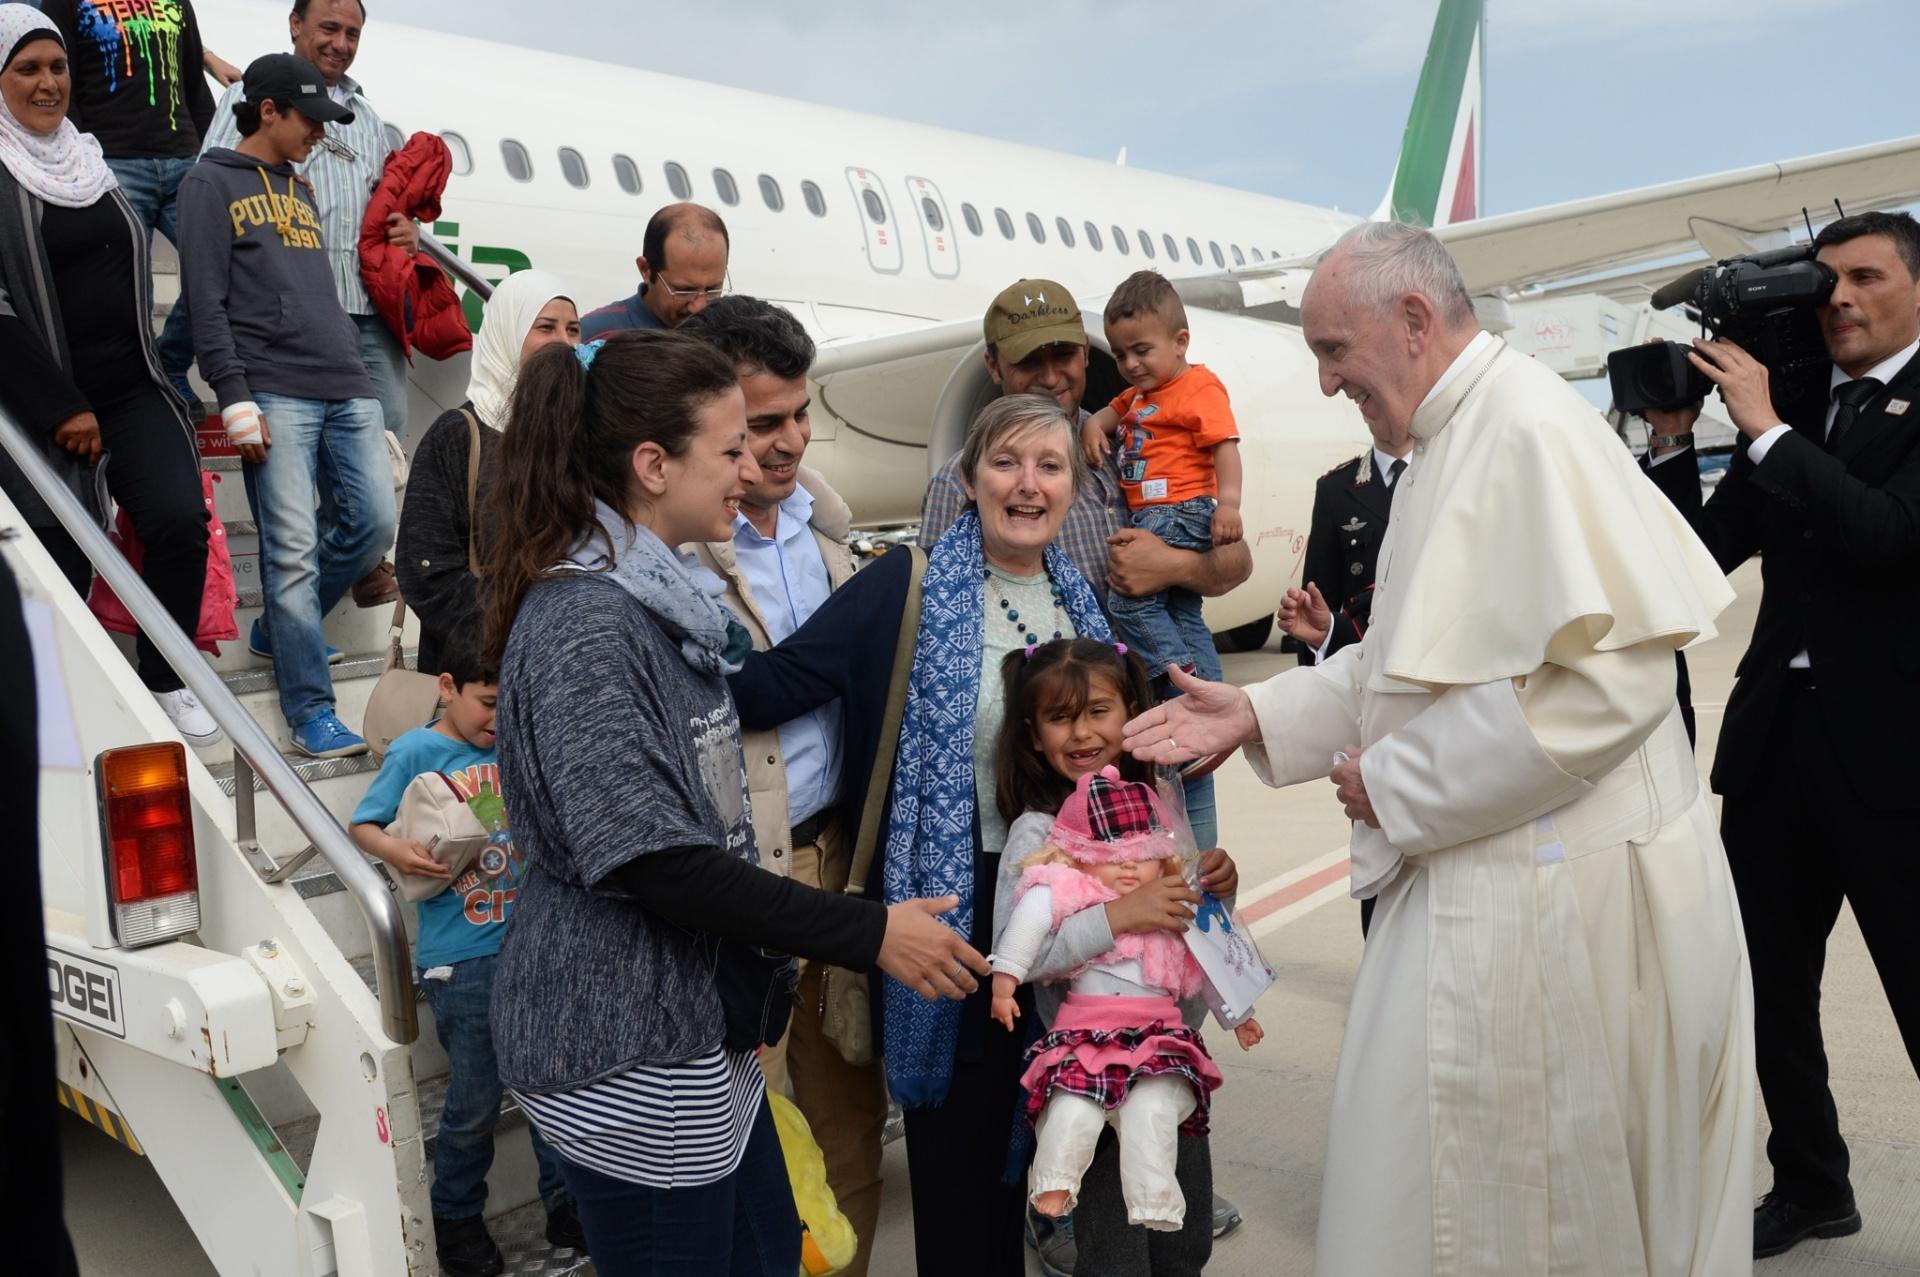 16.abr.2016 - Papa Francisco recebe um grupo de refugiados sírios no aeroporto de Ciampino, em Roma. O pontífice visitou o campo de refugiads de Moria, na ilha de Lesbos, na Grécia, e levou 12 refugiados ao Vaticano